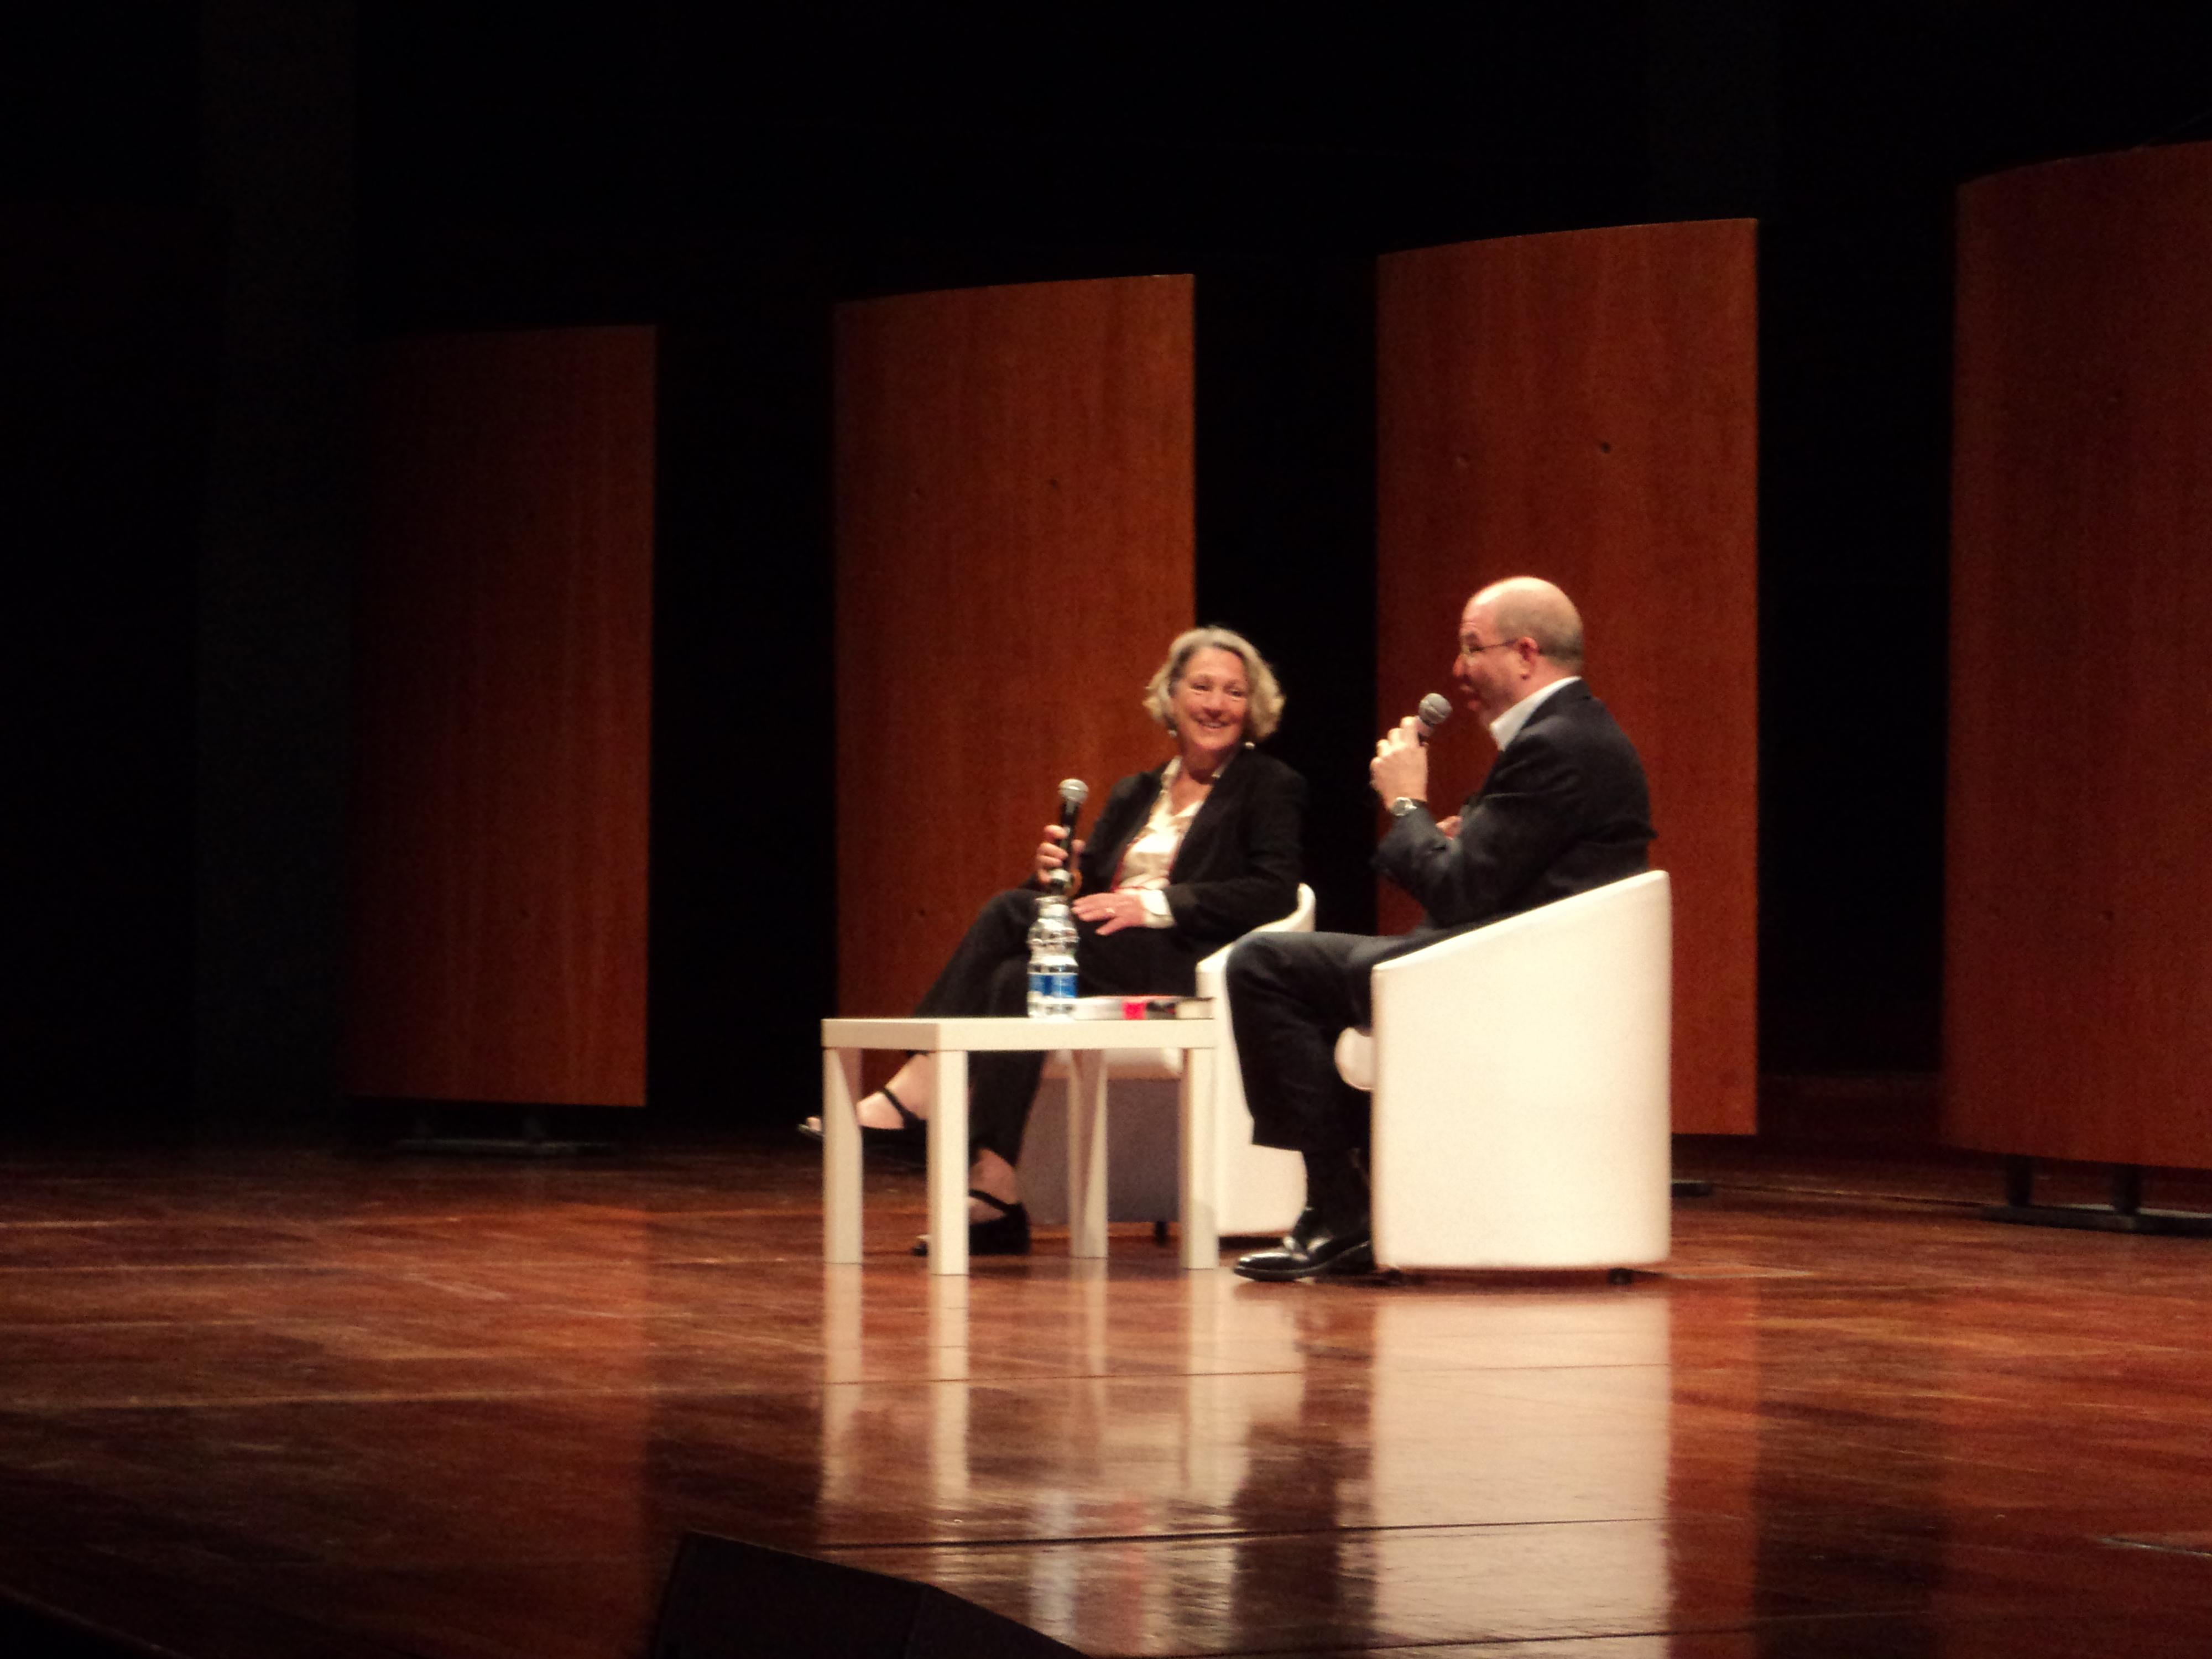 Angela Terzani Staude e Massimo Gramellini al salone del libro di Torino